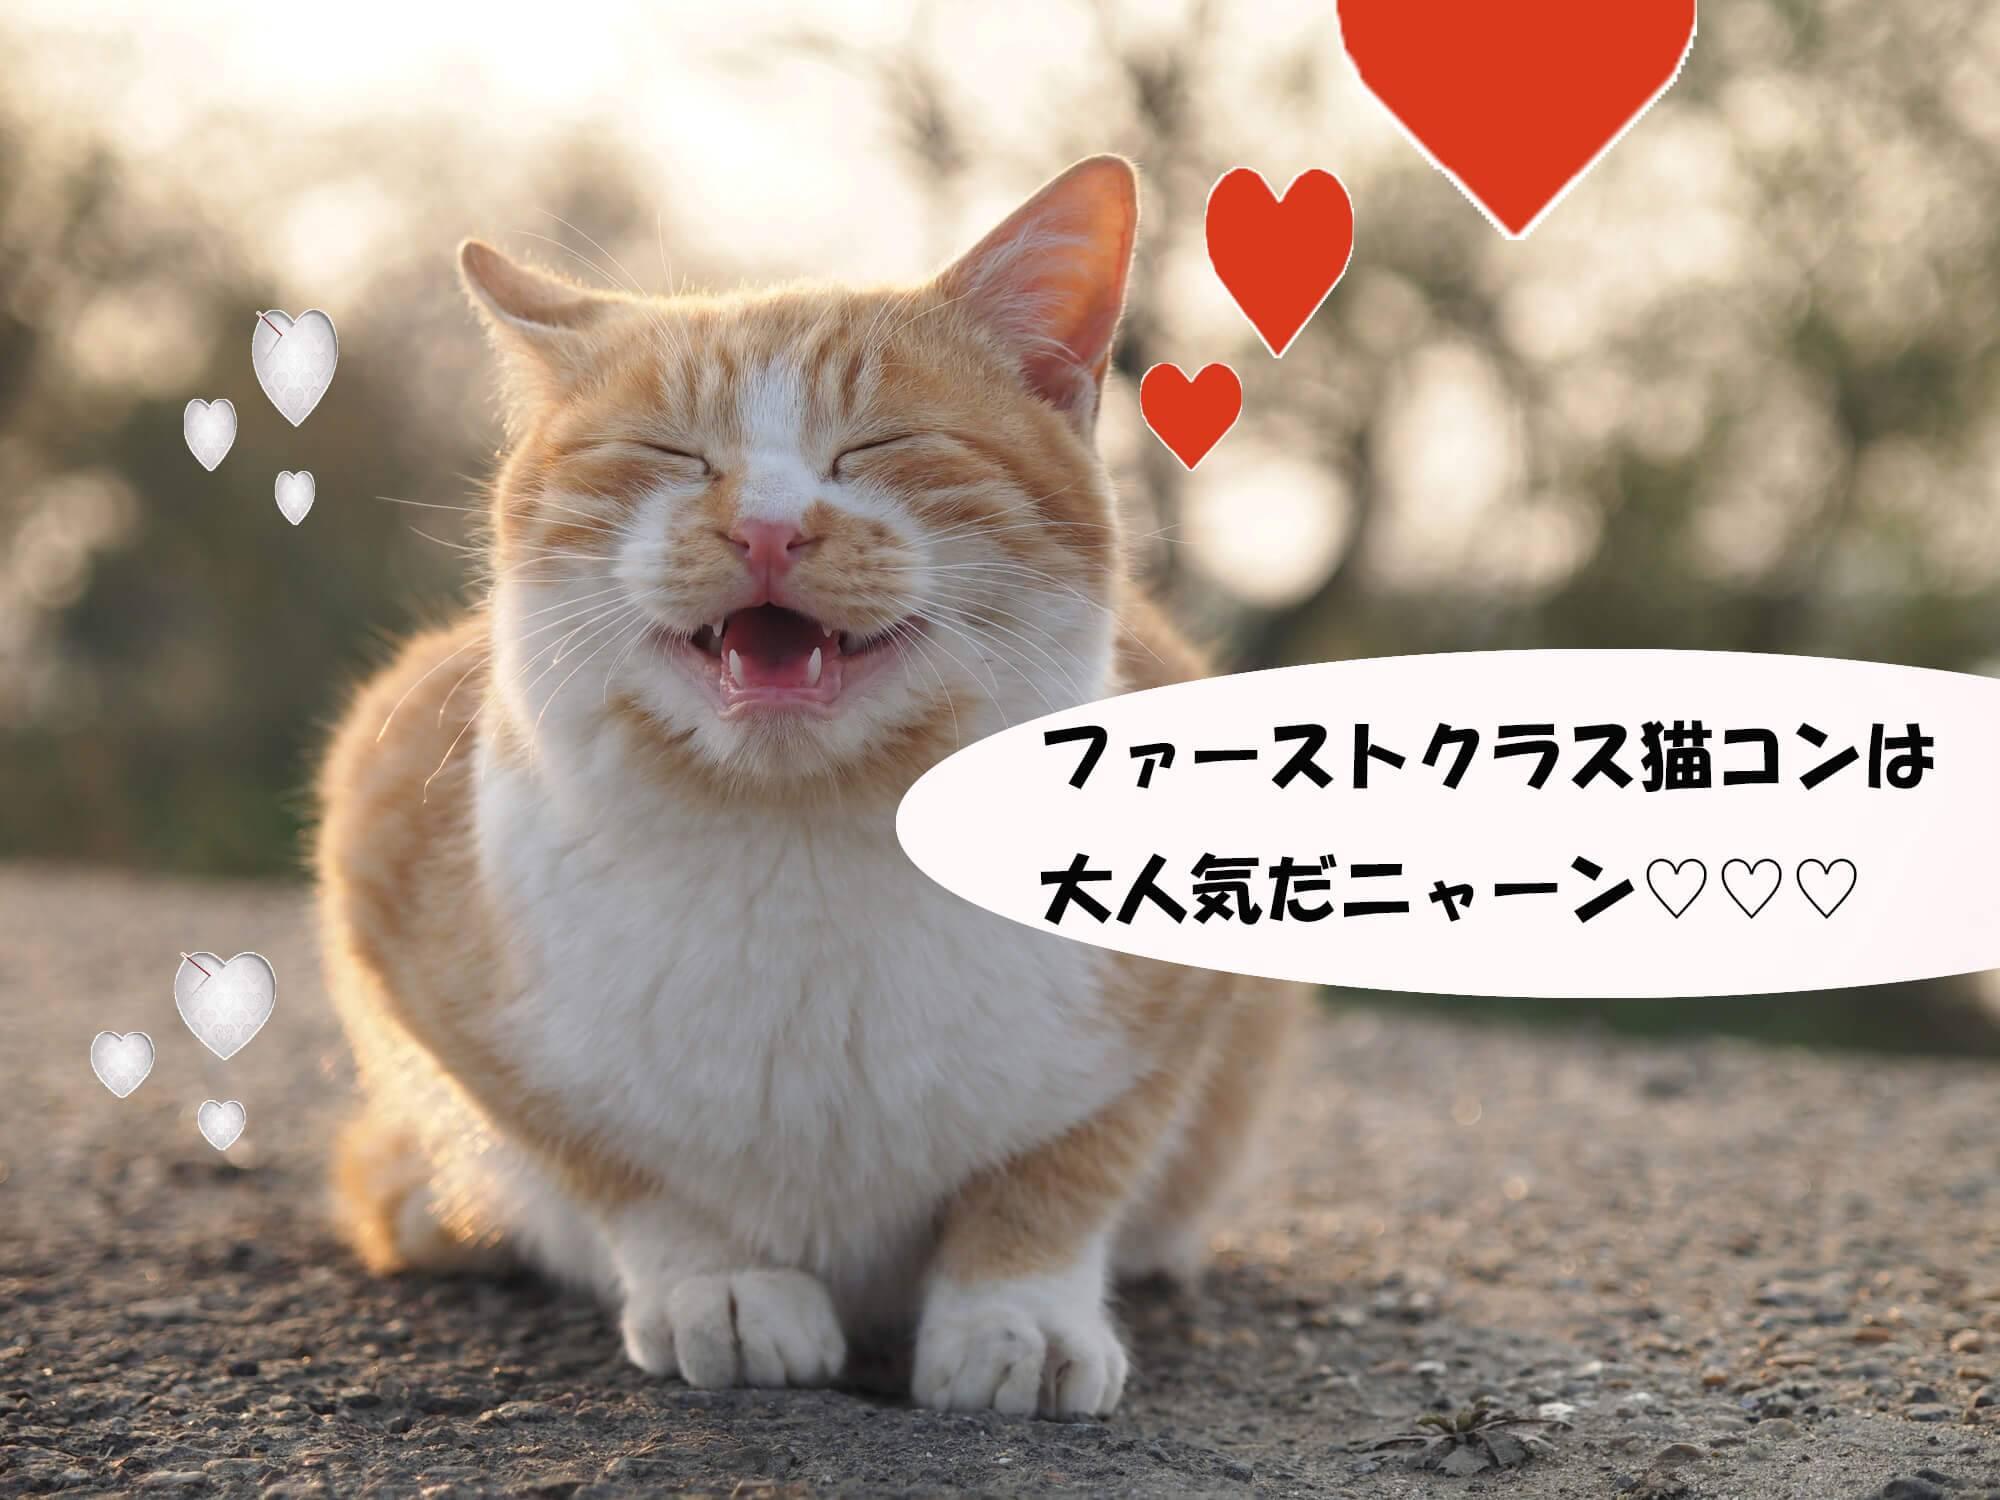 【仙台のプチ街コン】仙台ファーストクラスパーティー主催 2017年5月28日